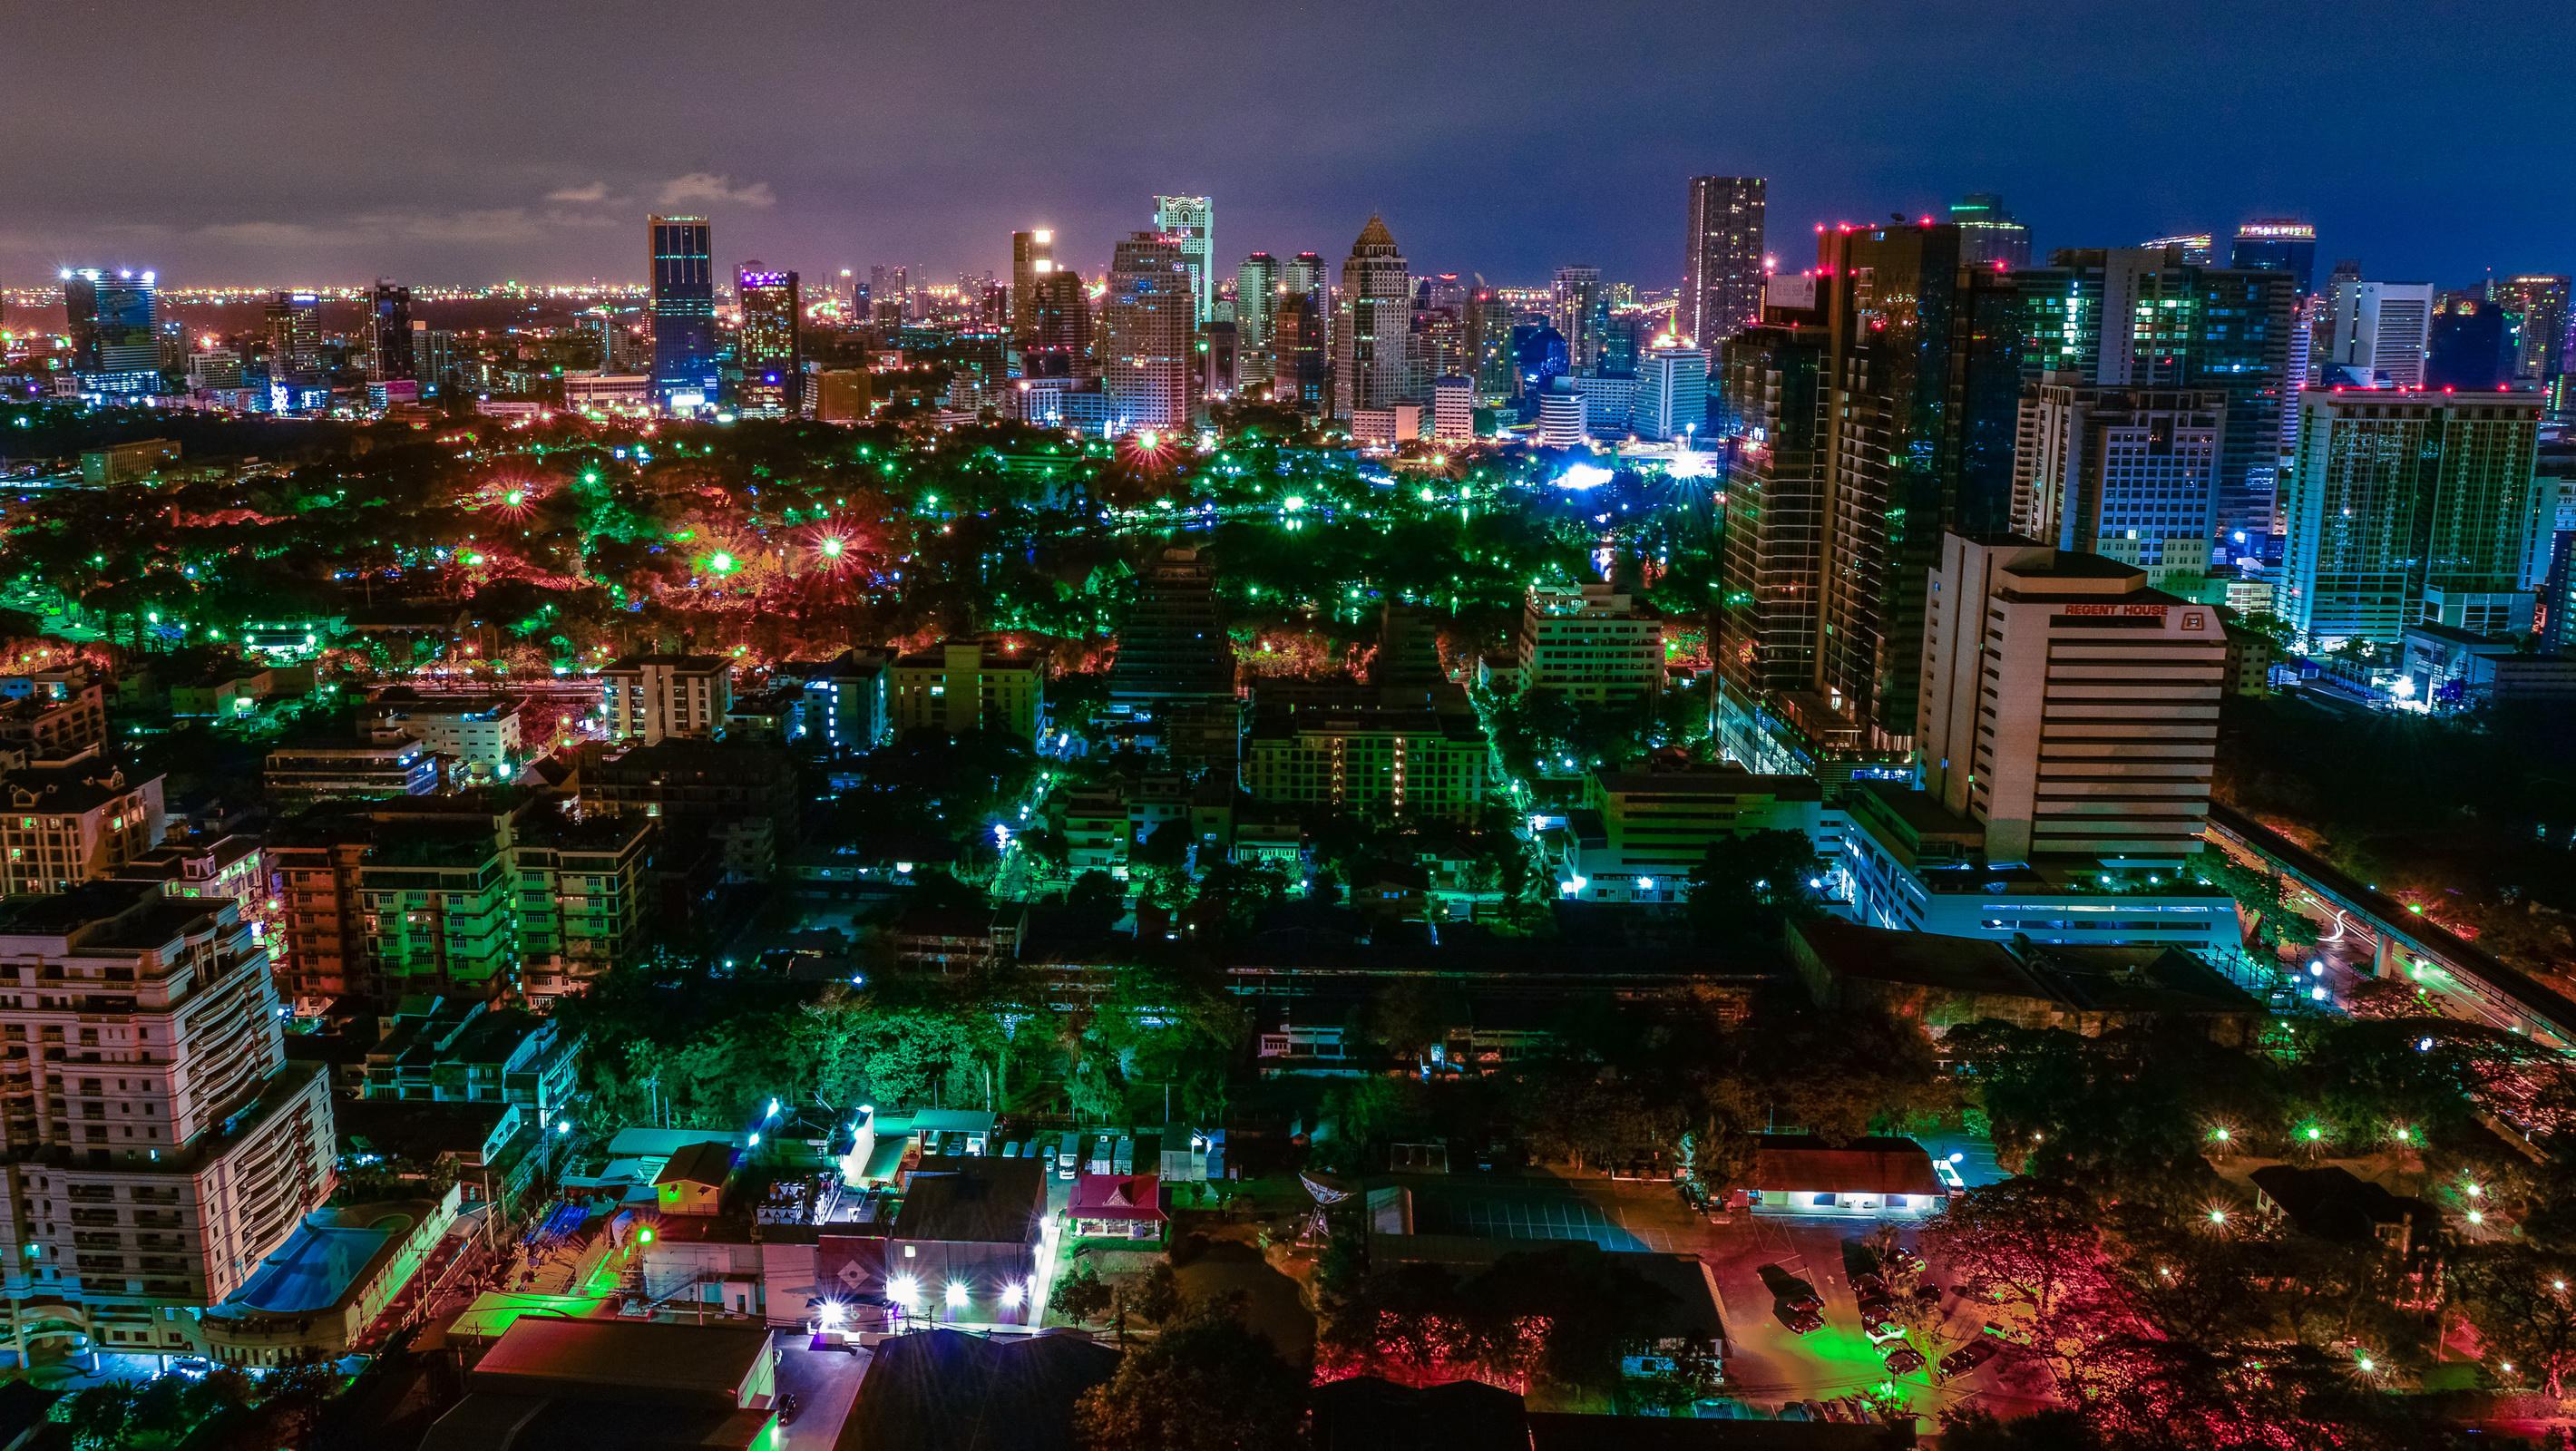 торговой бангкок фото города обои для айфона гарантируем, что